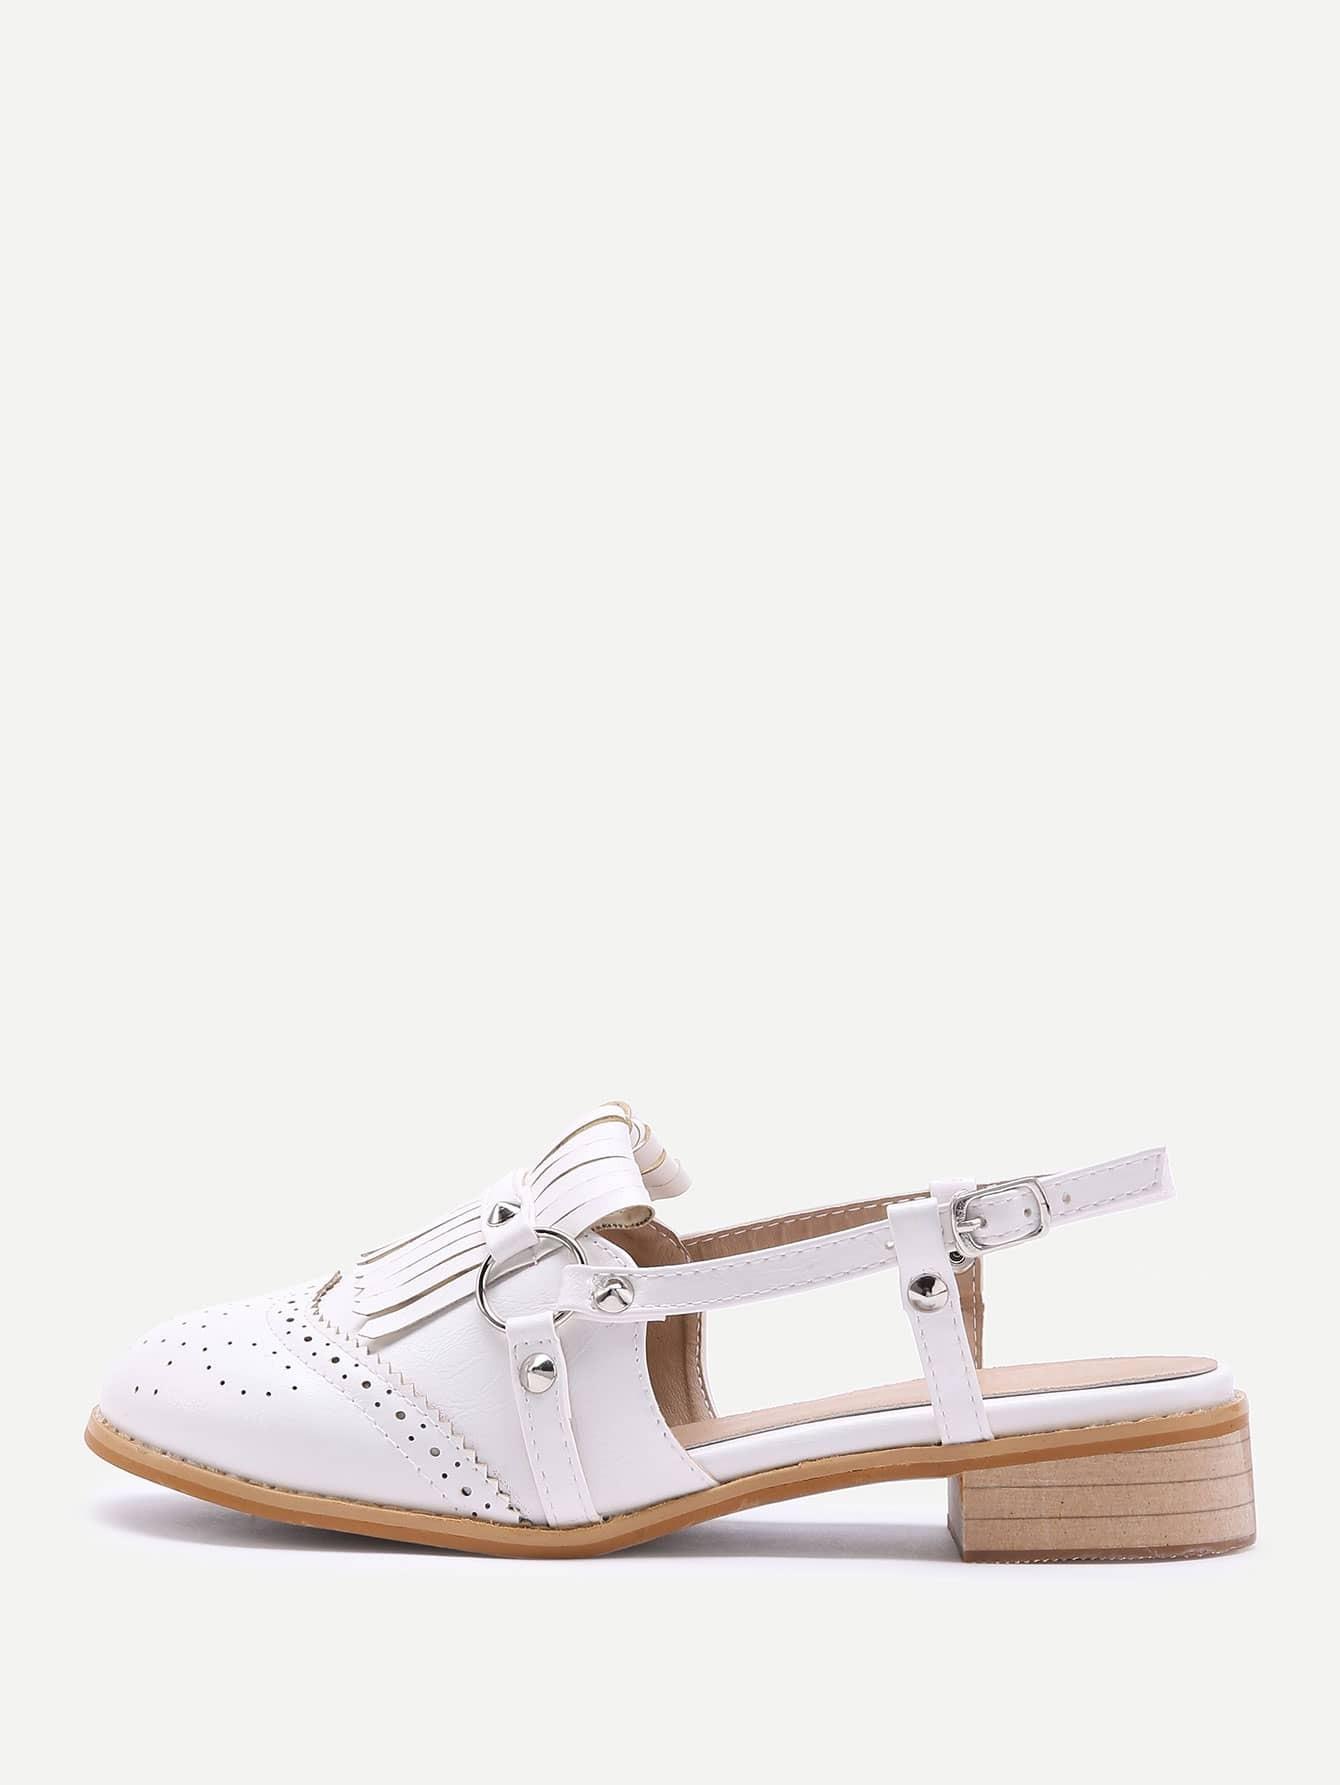 Фото Tassel Design Laser Cut Heeled Shoes With Studded. Купить с доставкой